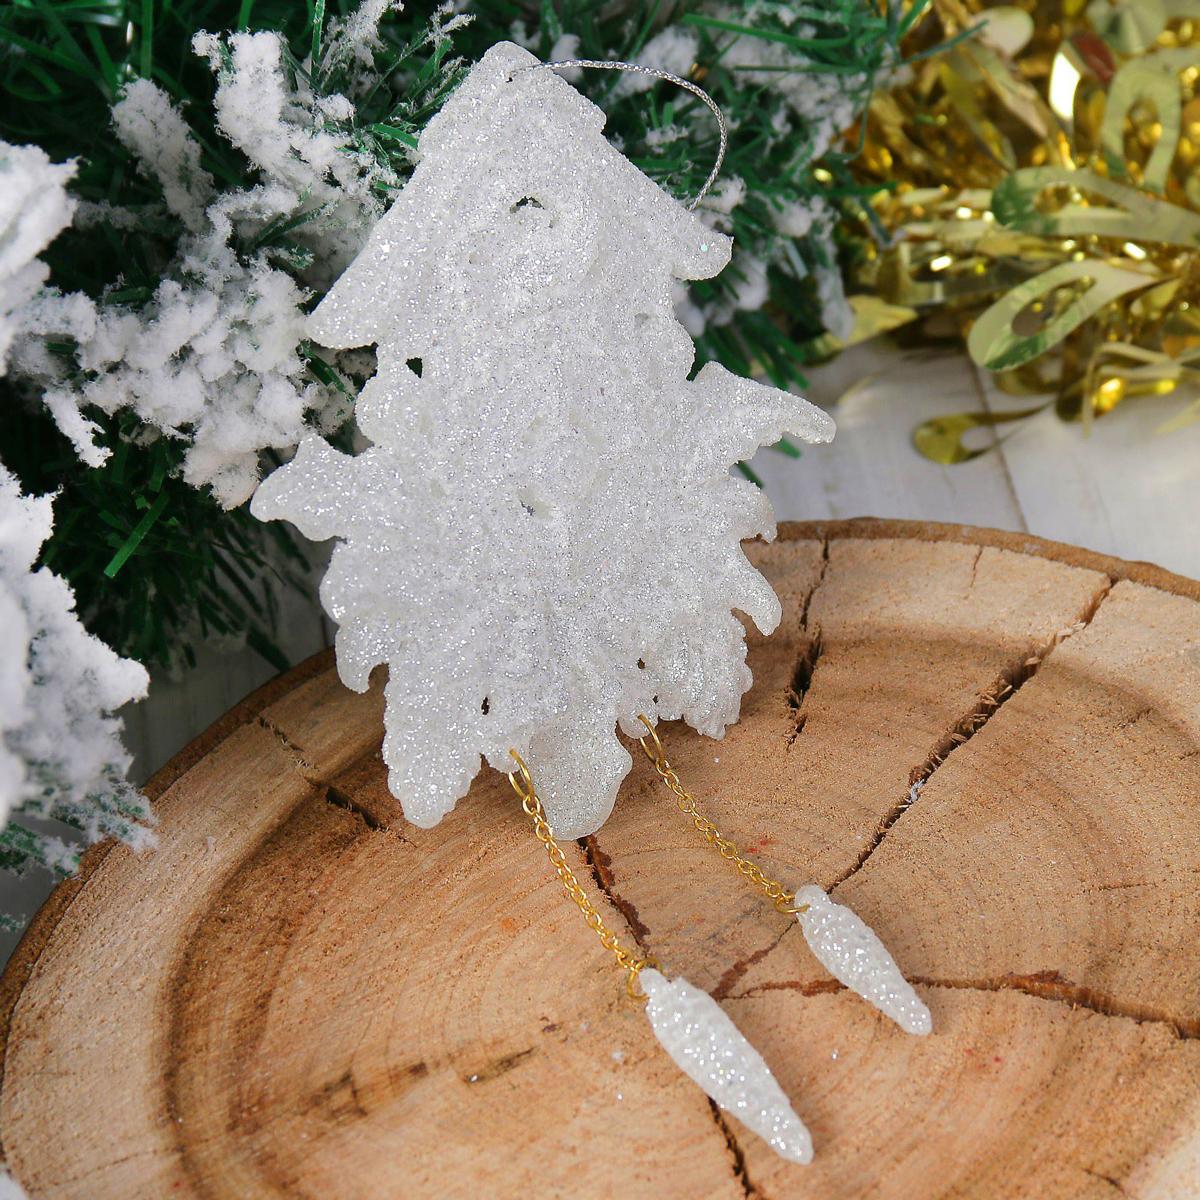 Новогоднее подвесное украшение Часы, 9 х 11 см2371456Новогоднее подвесное украшение отлично подойдет для декорации вашего дома и новогодней ели. С помощью специальной петельки украшение можно повесить в любом понравившемся вам месте. Но, конечно, удачнее всего оно будет смотреться на праздничной елке.Елочная игрушка - символ Нового года. Она несет в себе волшебство и красоту праздника. Такое украшение создаст в вашем доме атмосферу праздника, веселья и радости.